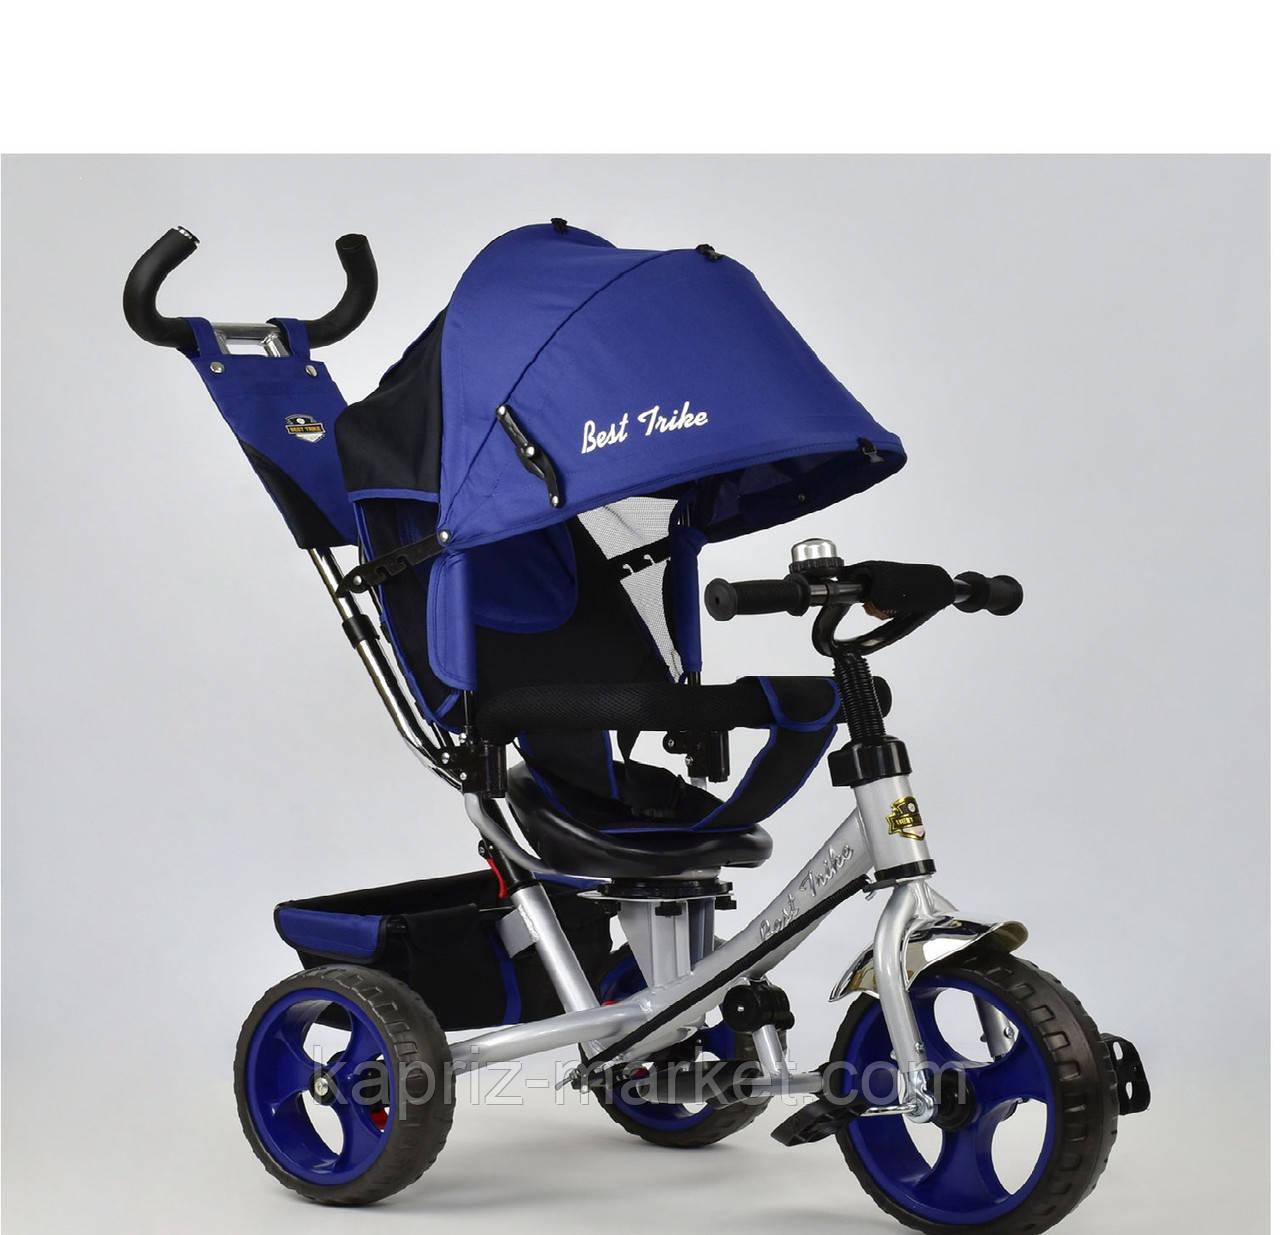 Велосипед трехколесный BEST TRIKE,синий, колеса пена